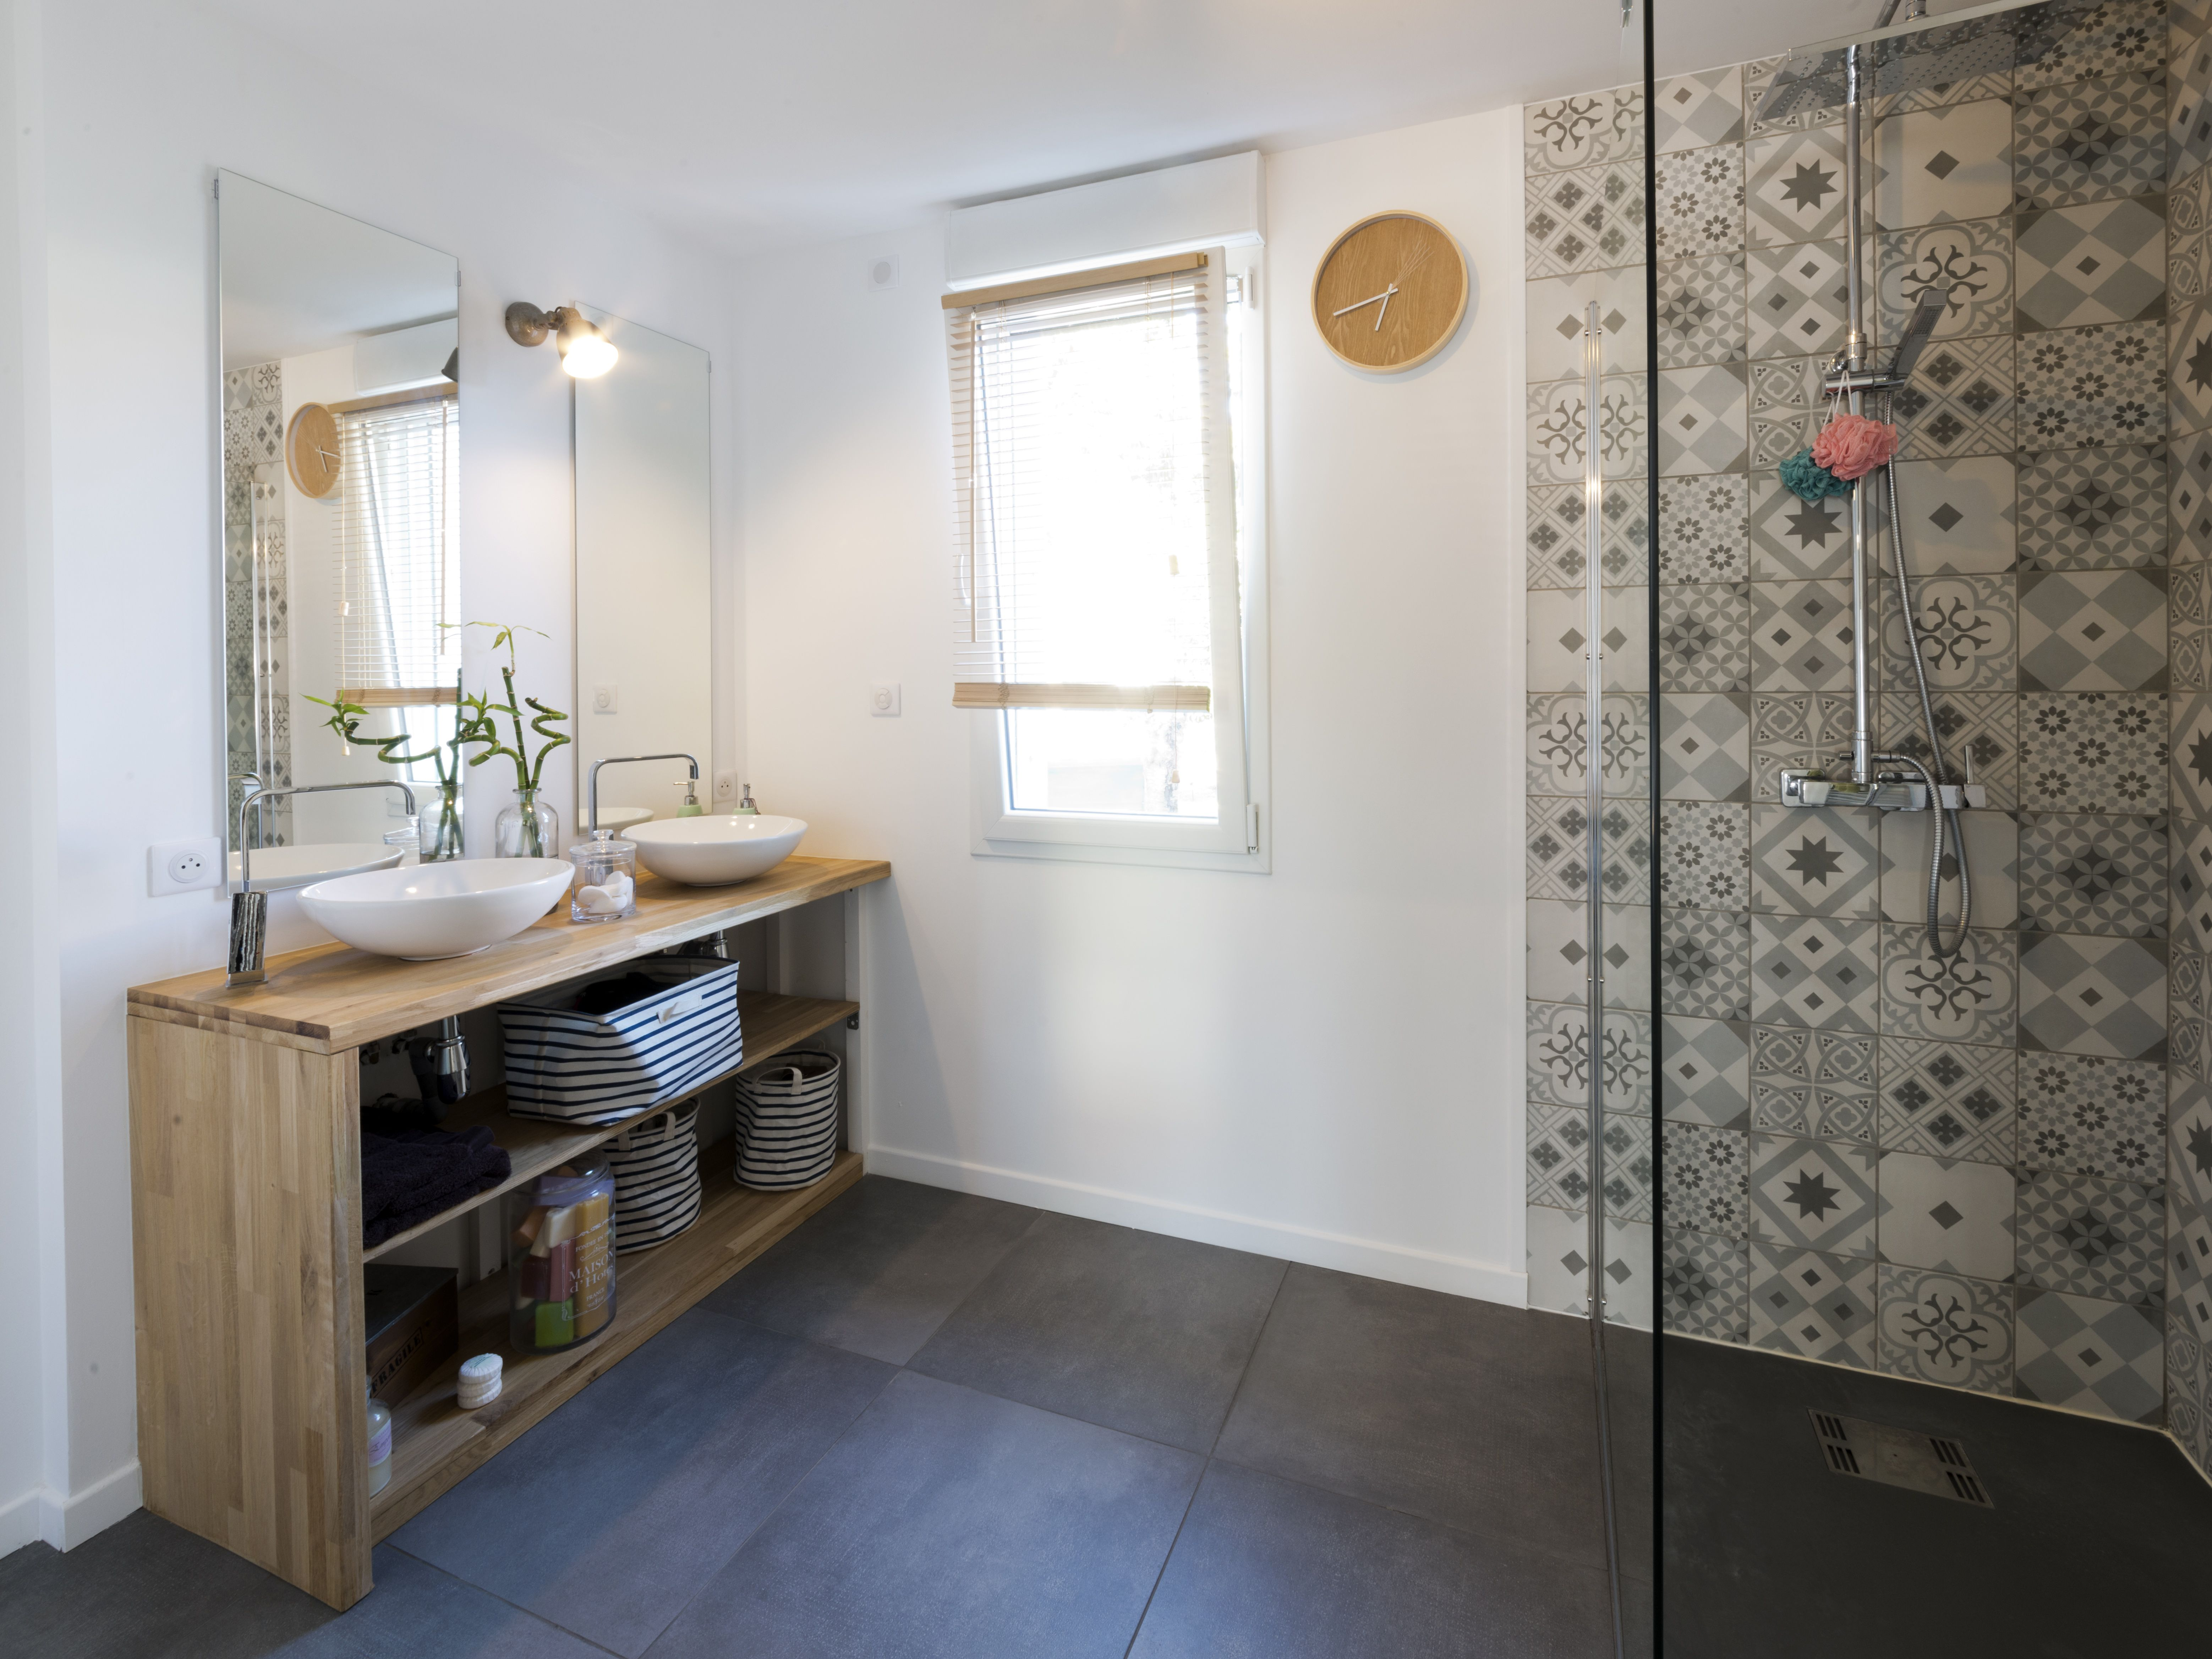 Une salle de bains pour les parents avec une douche l - Les photos de salle de bain ...